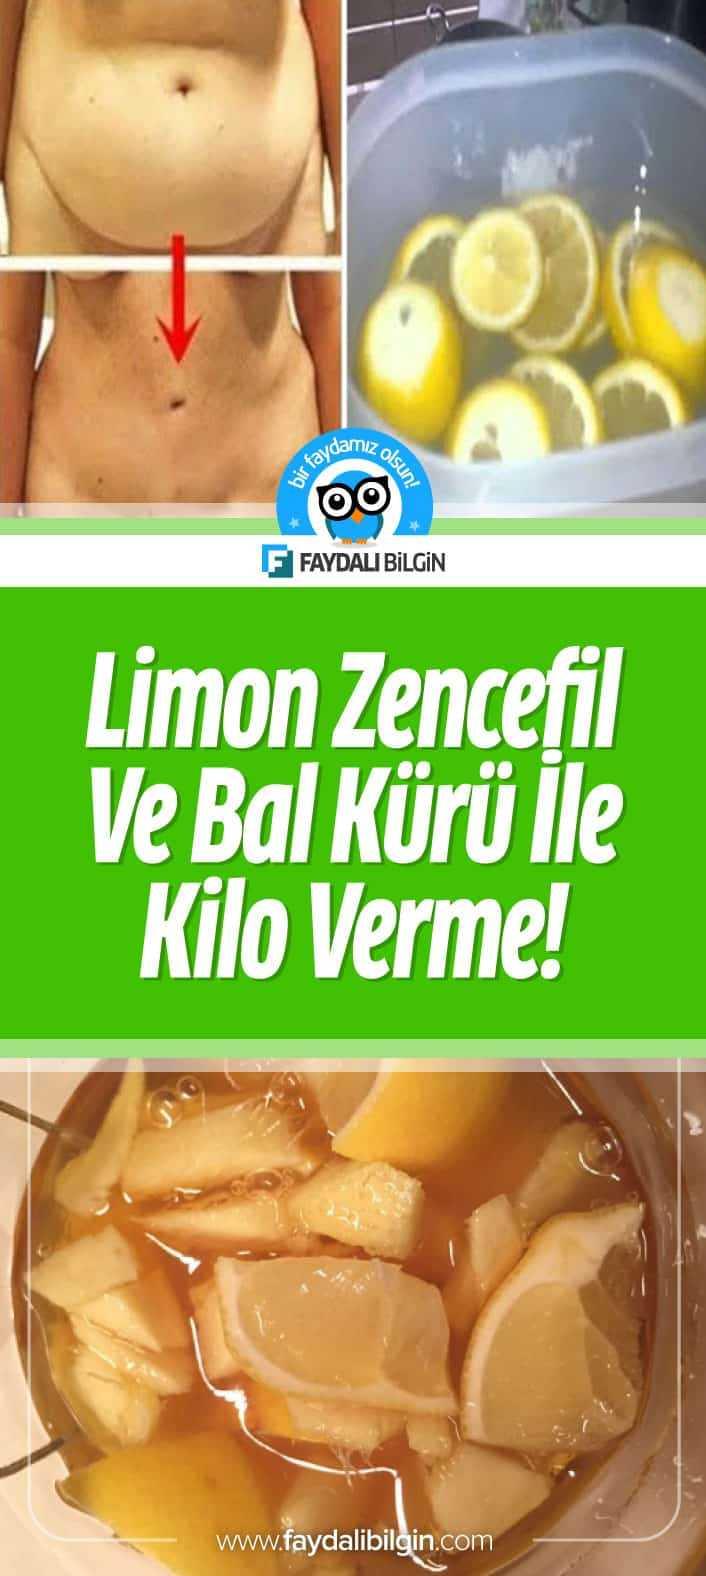 Limon, Zencefil ve Bal Kürü ile Sağlıklı Kilo Verme